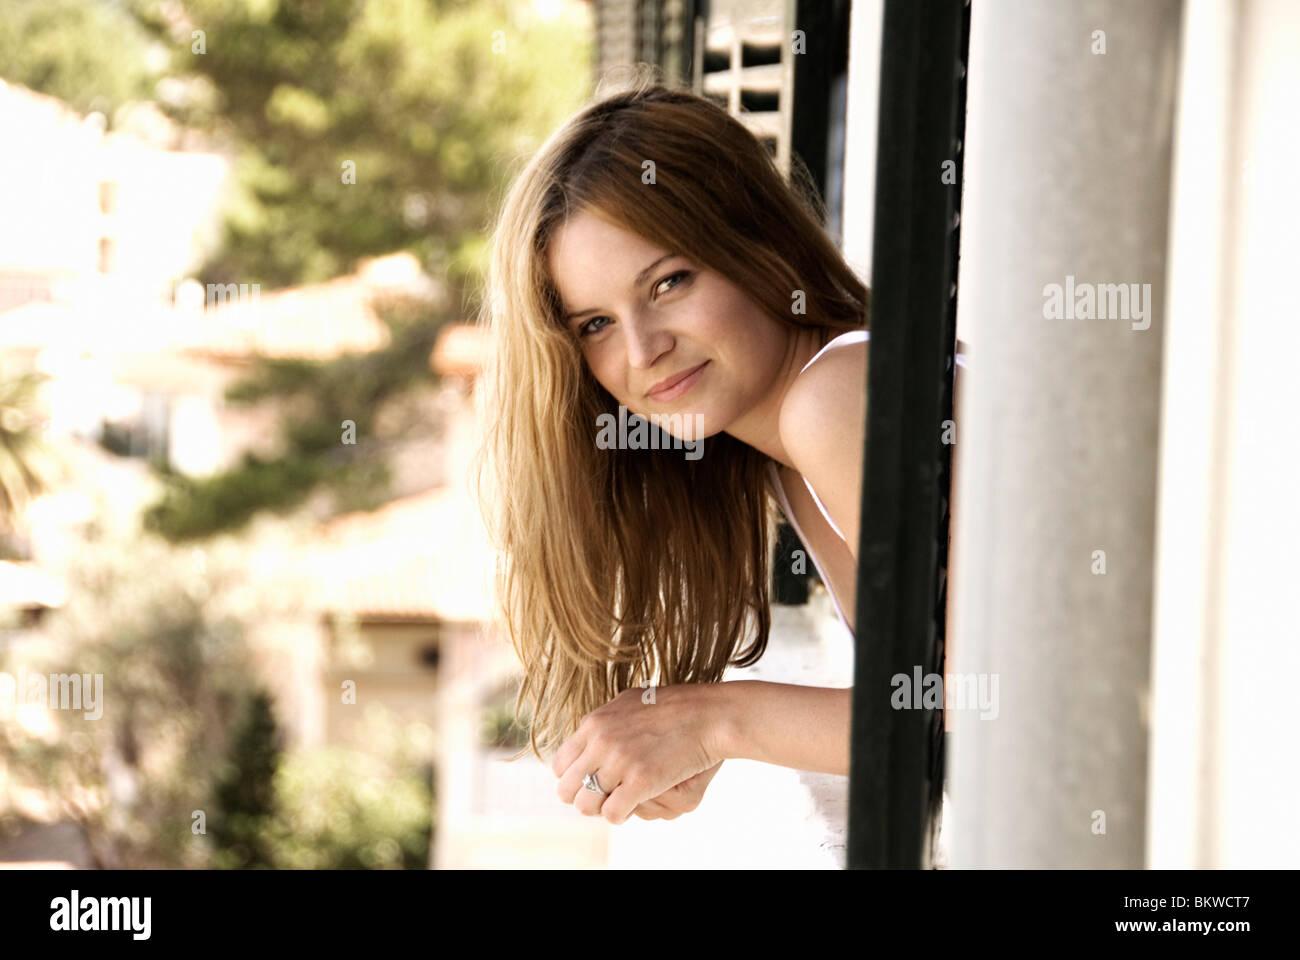 Frau im Fenster Stockbild